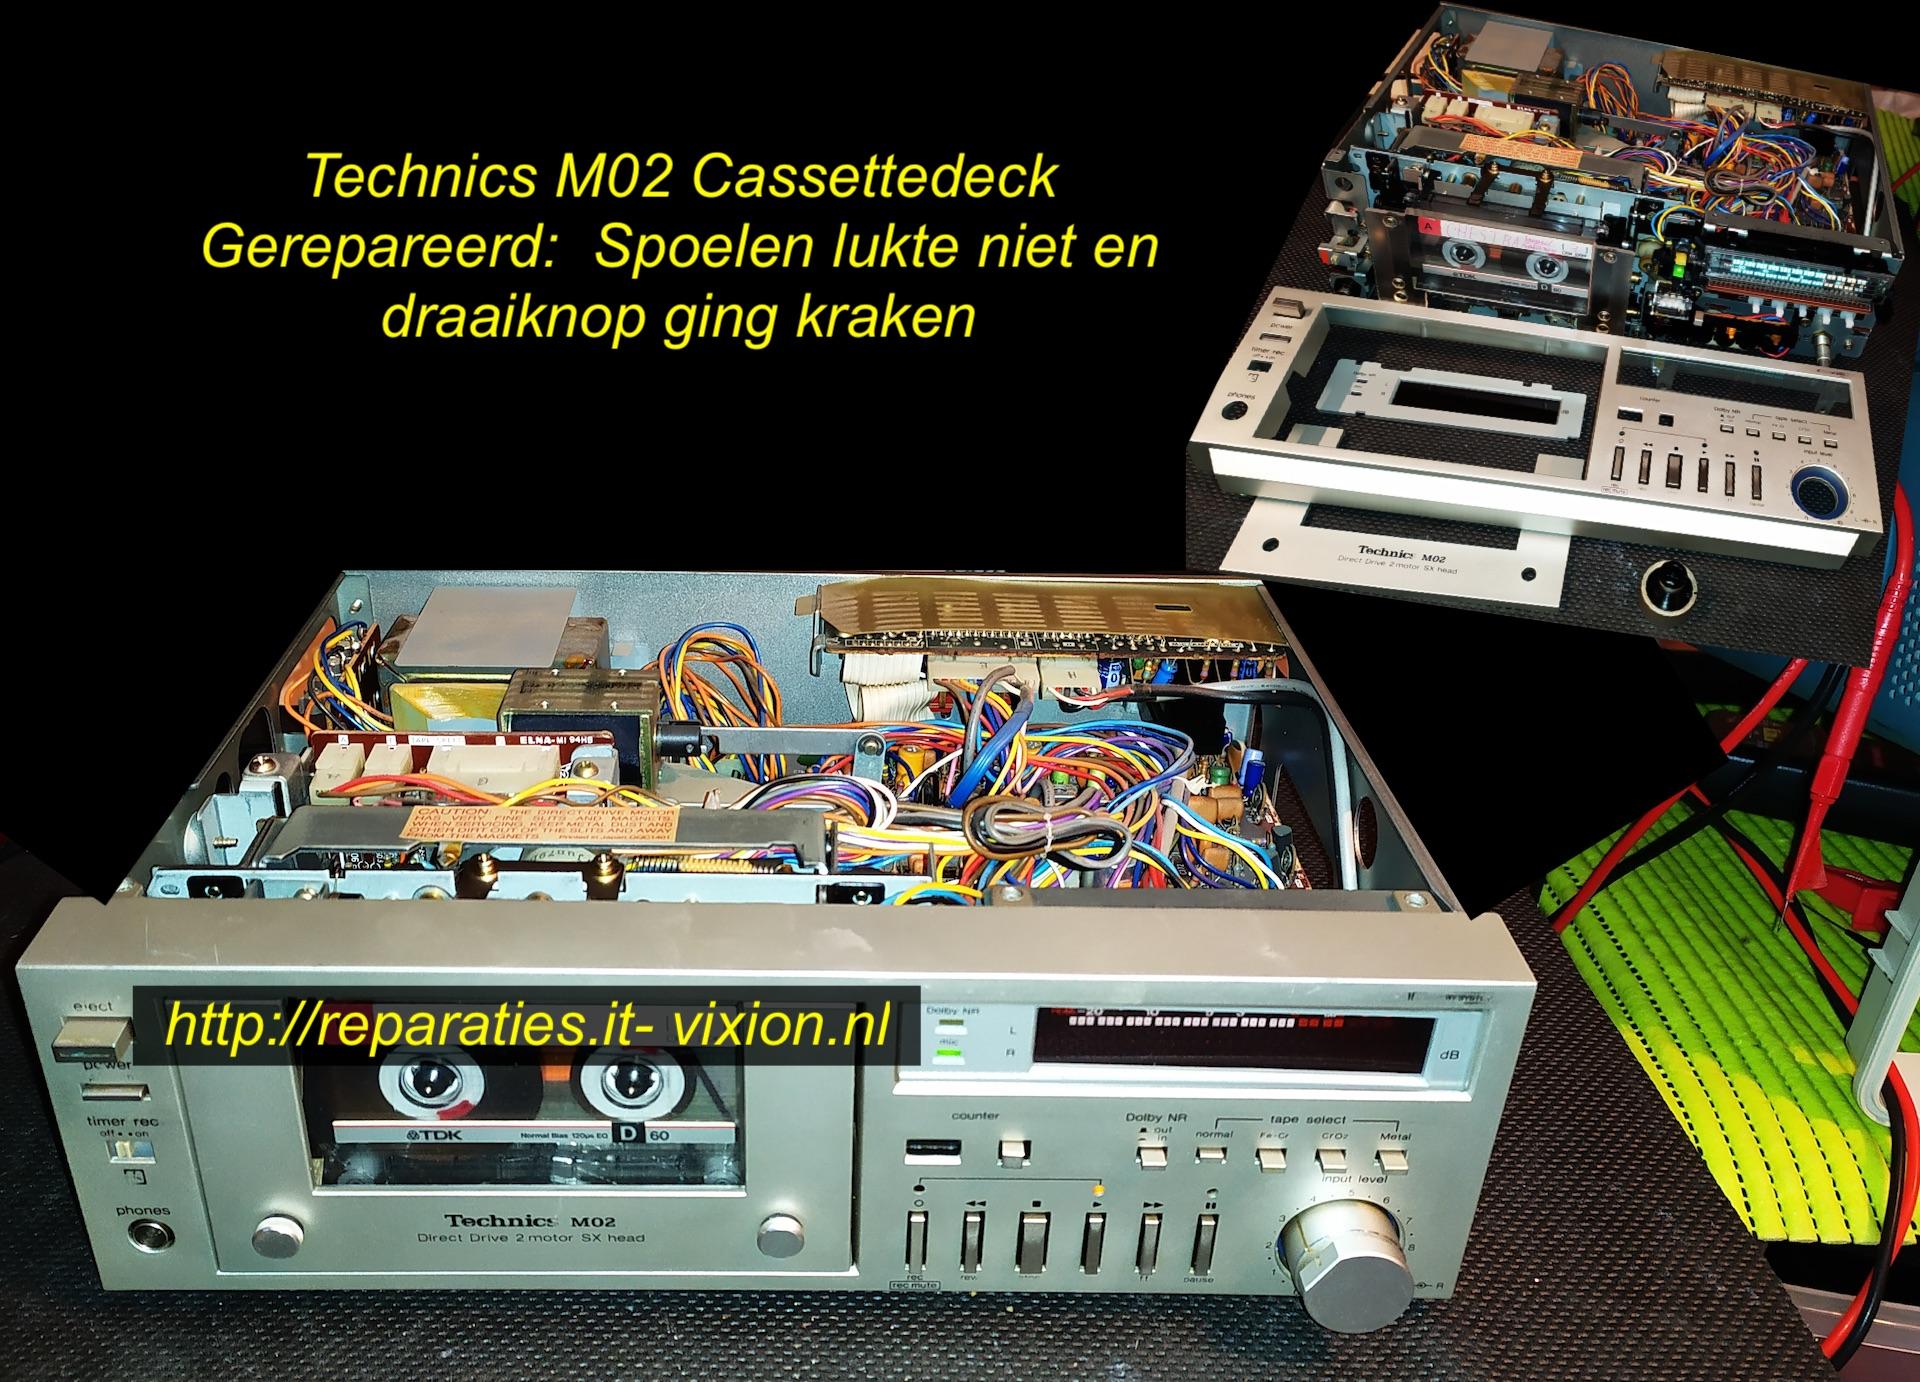 Technics M02 cassettedeck